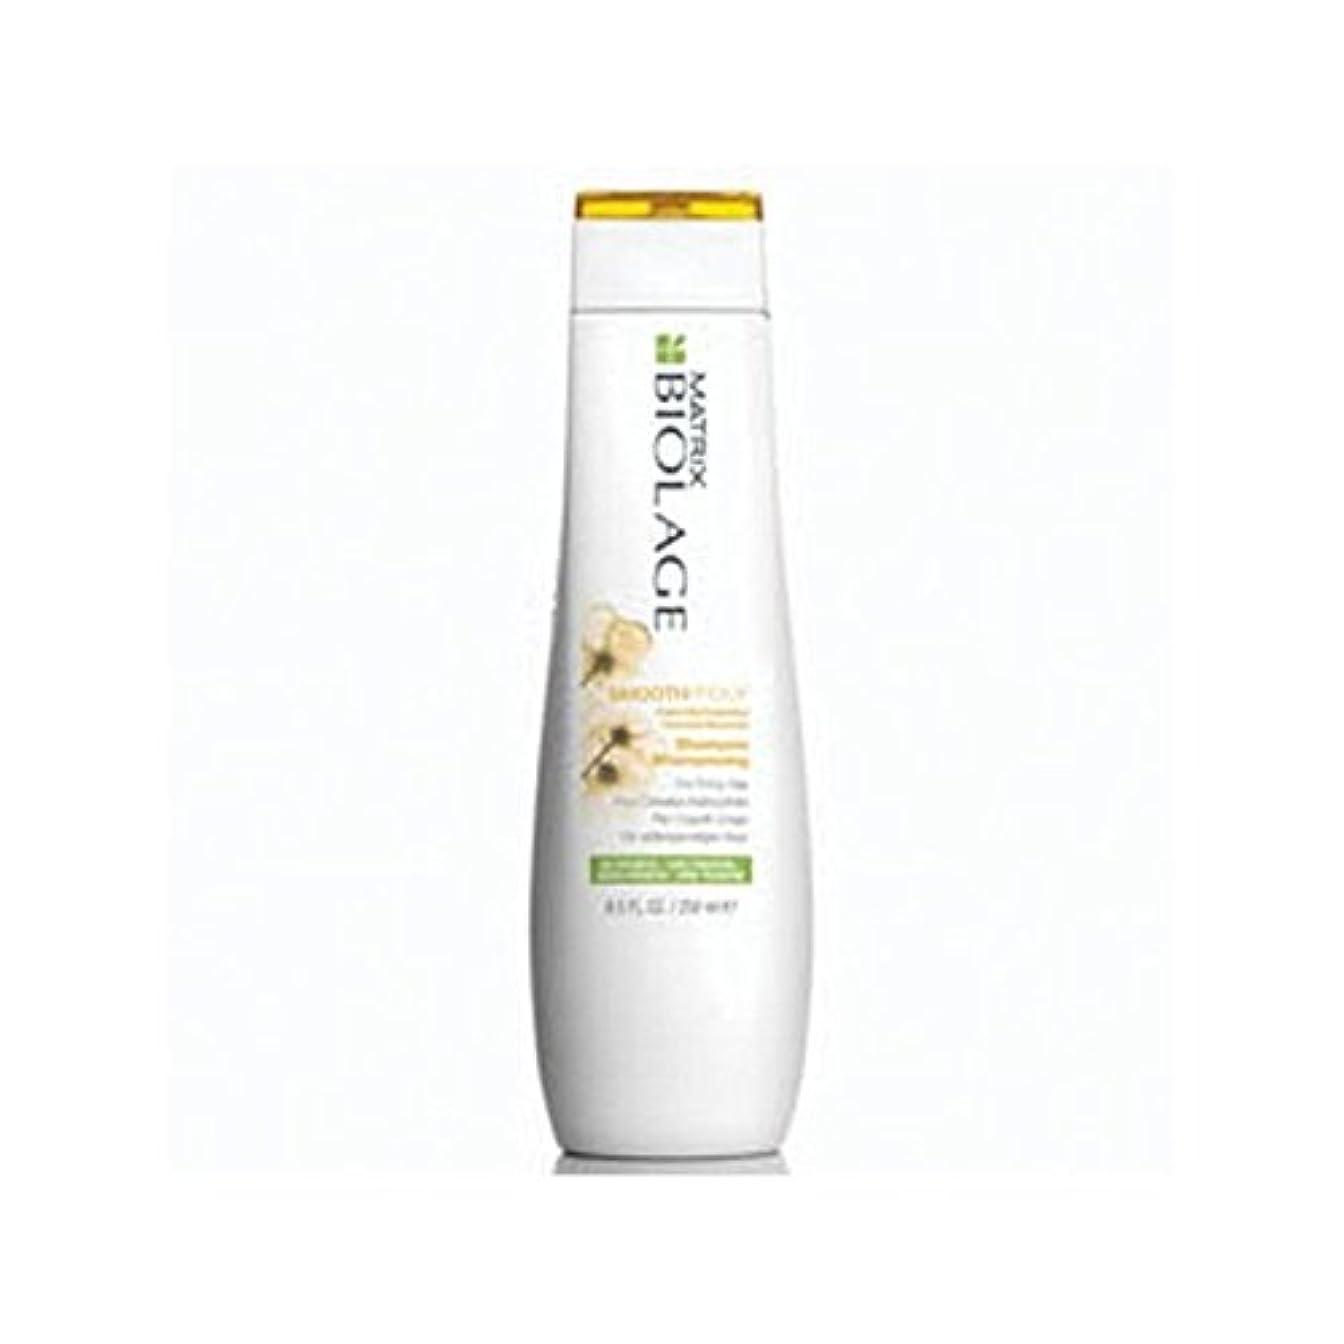 パイプラインランプタブレットMatrix Biolage Smoothproof Shampoo (250ml) - マトリックスバイオレイジのシャンプー(250ミリリットル) [並行輸入品]